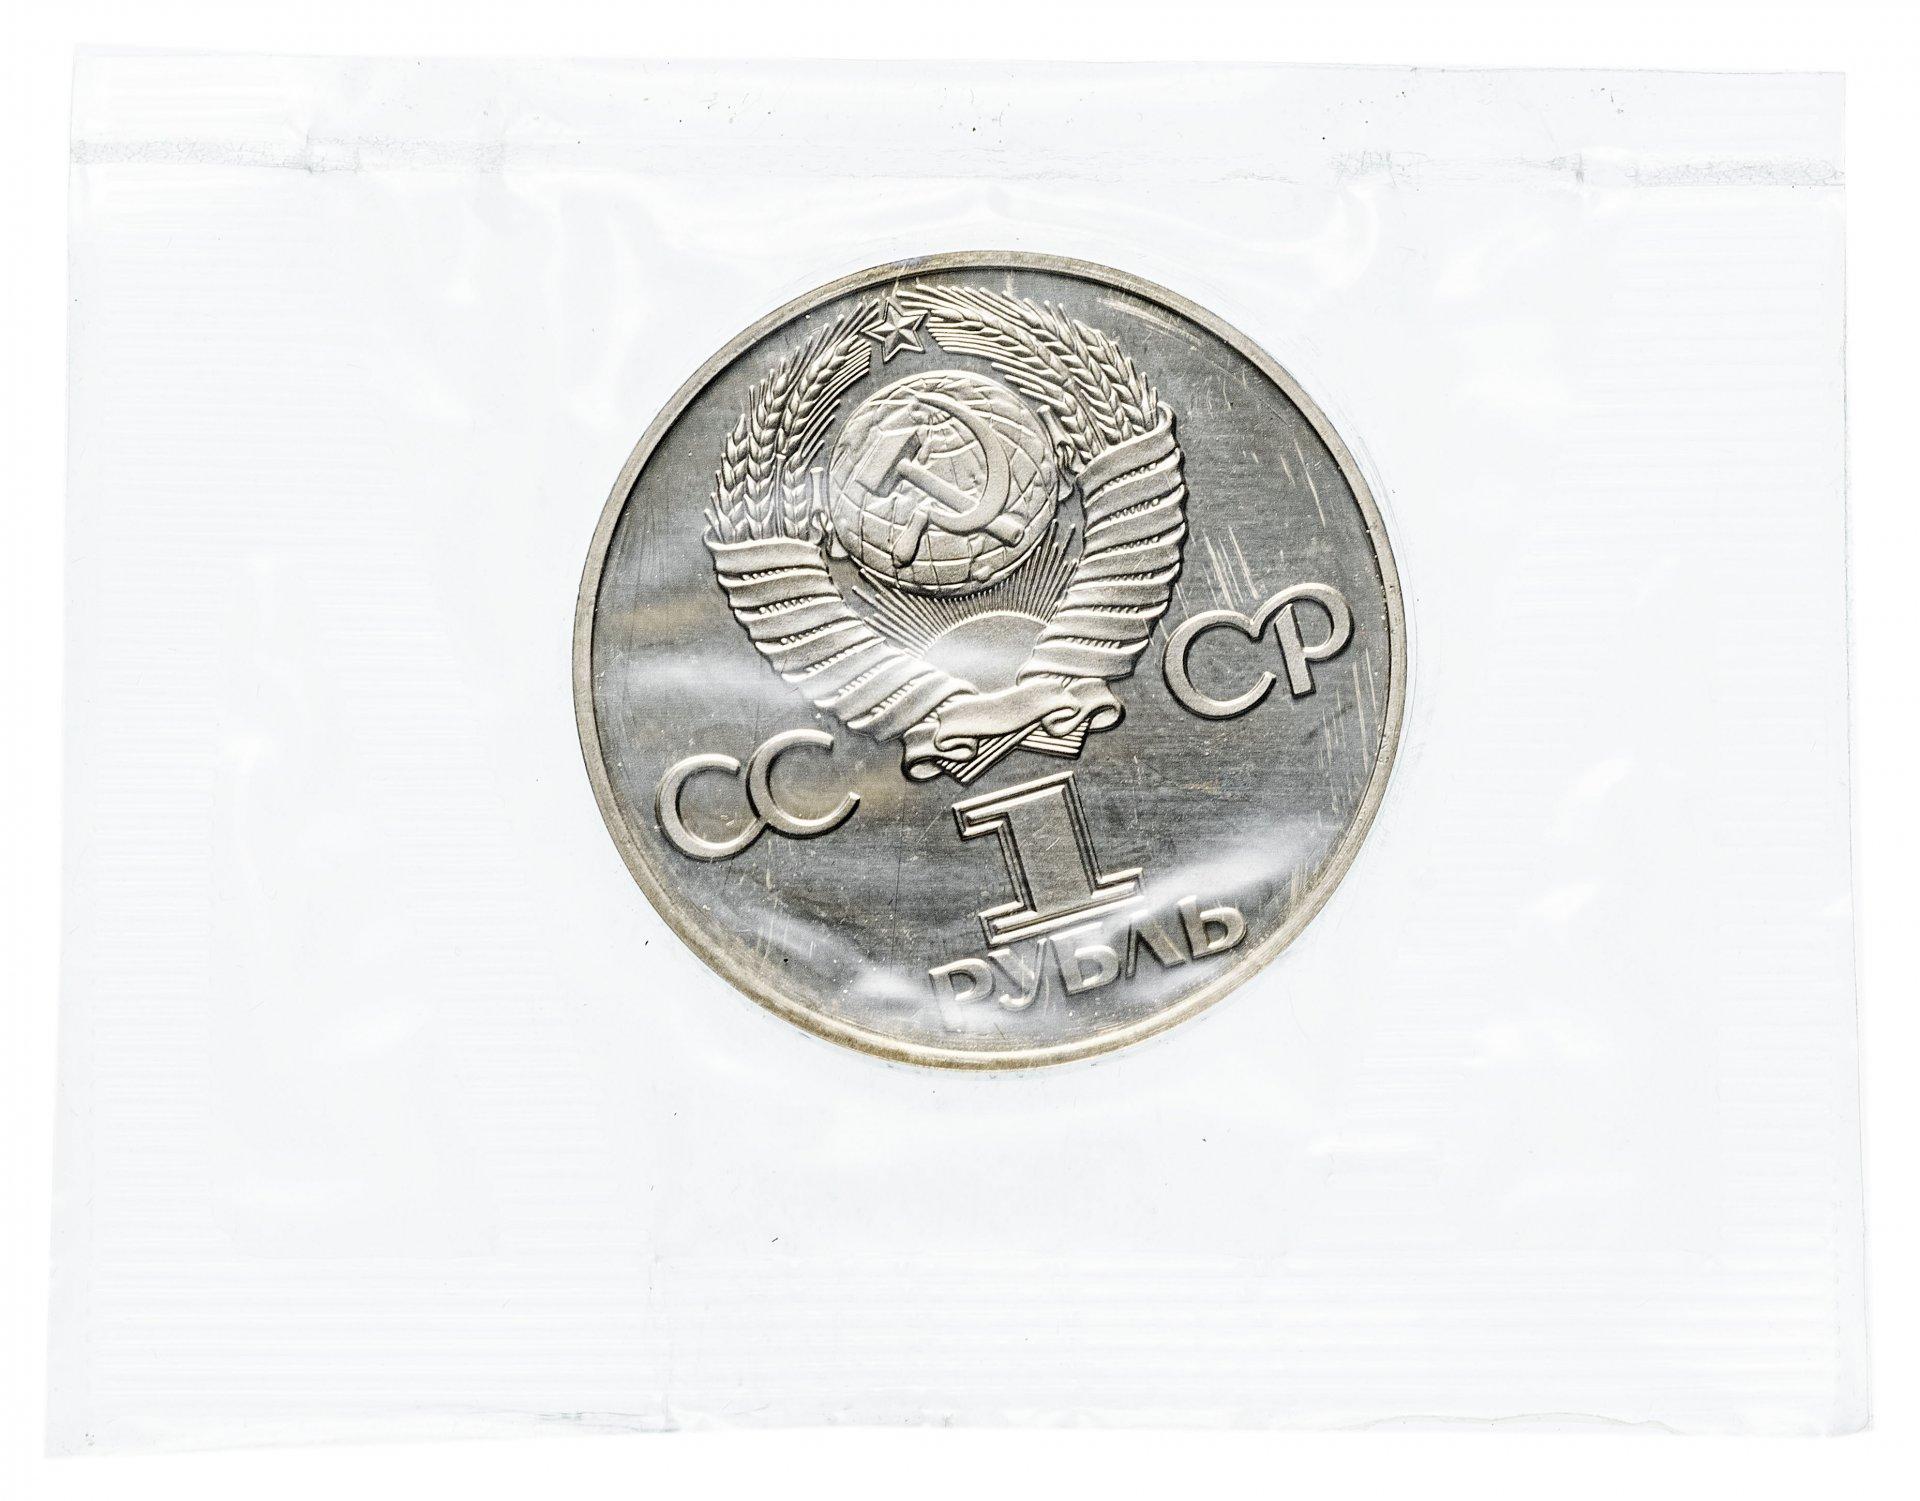 Нумизматические открытки с монетами, статусы картинках